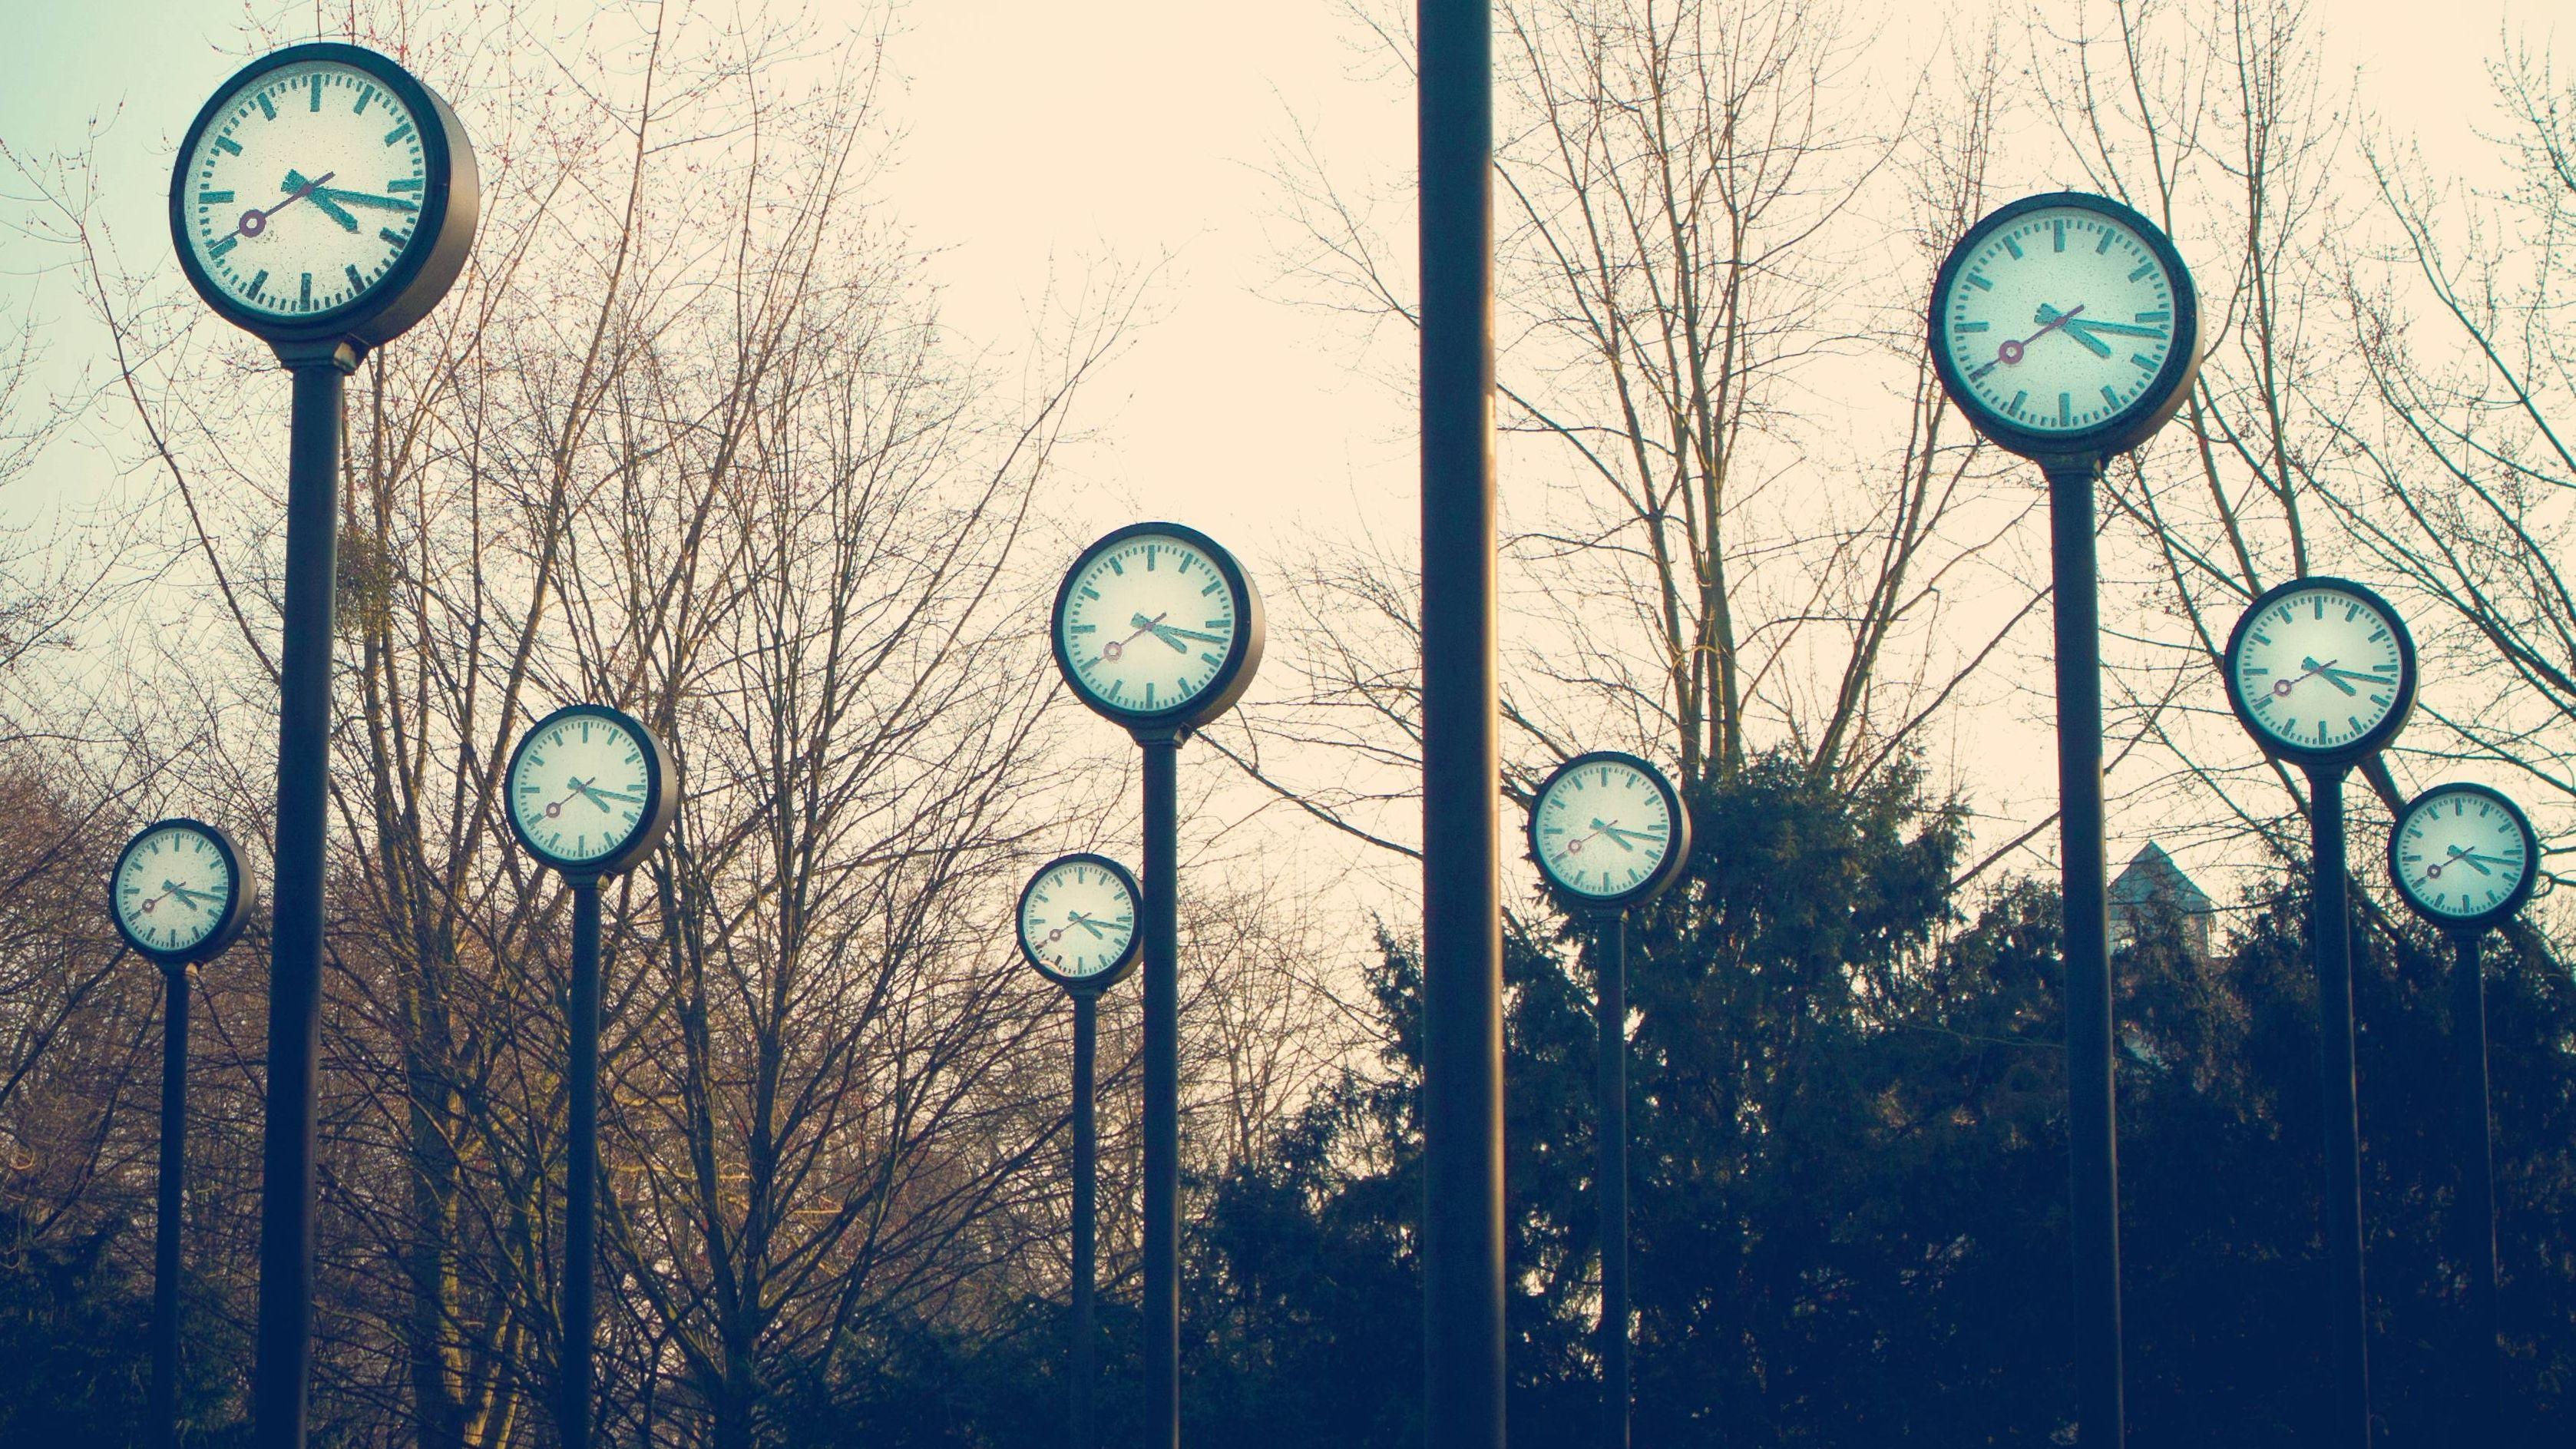 Bahnhofsuhren in einem Uhrenpark vor winterlichen Bäumen